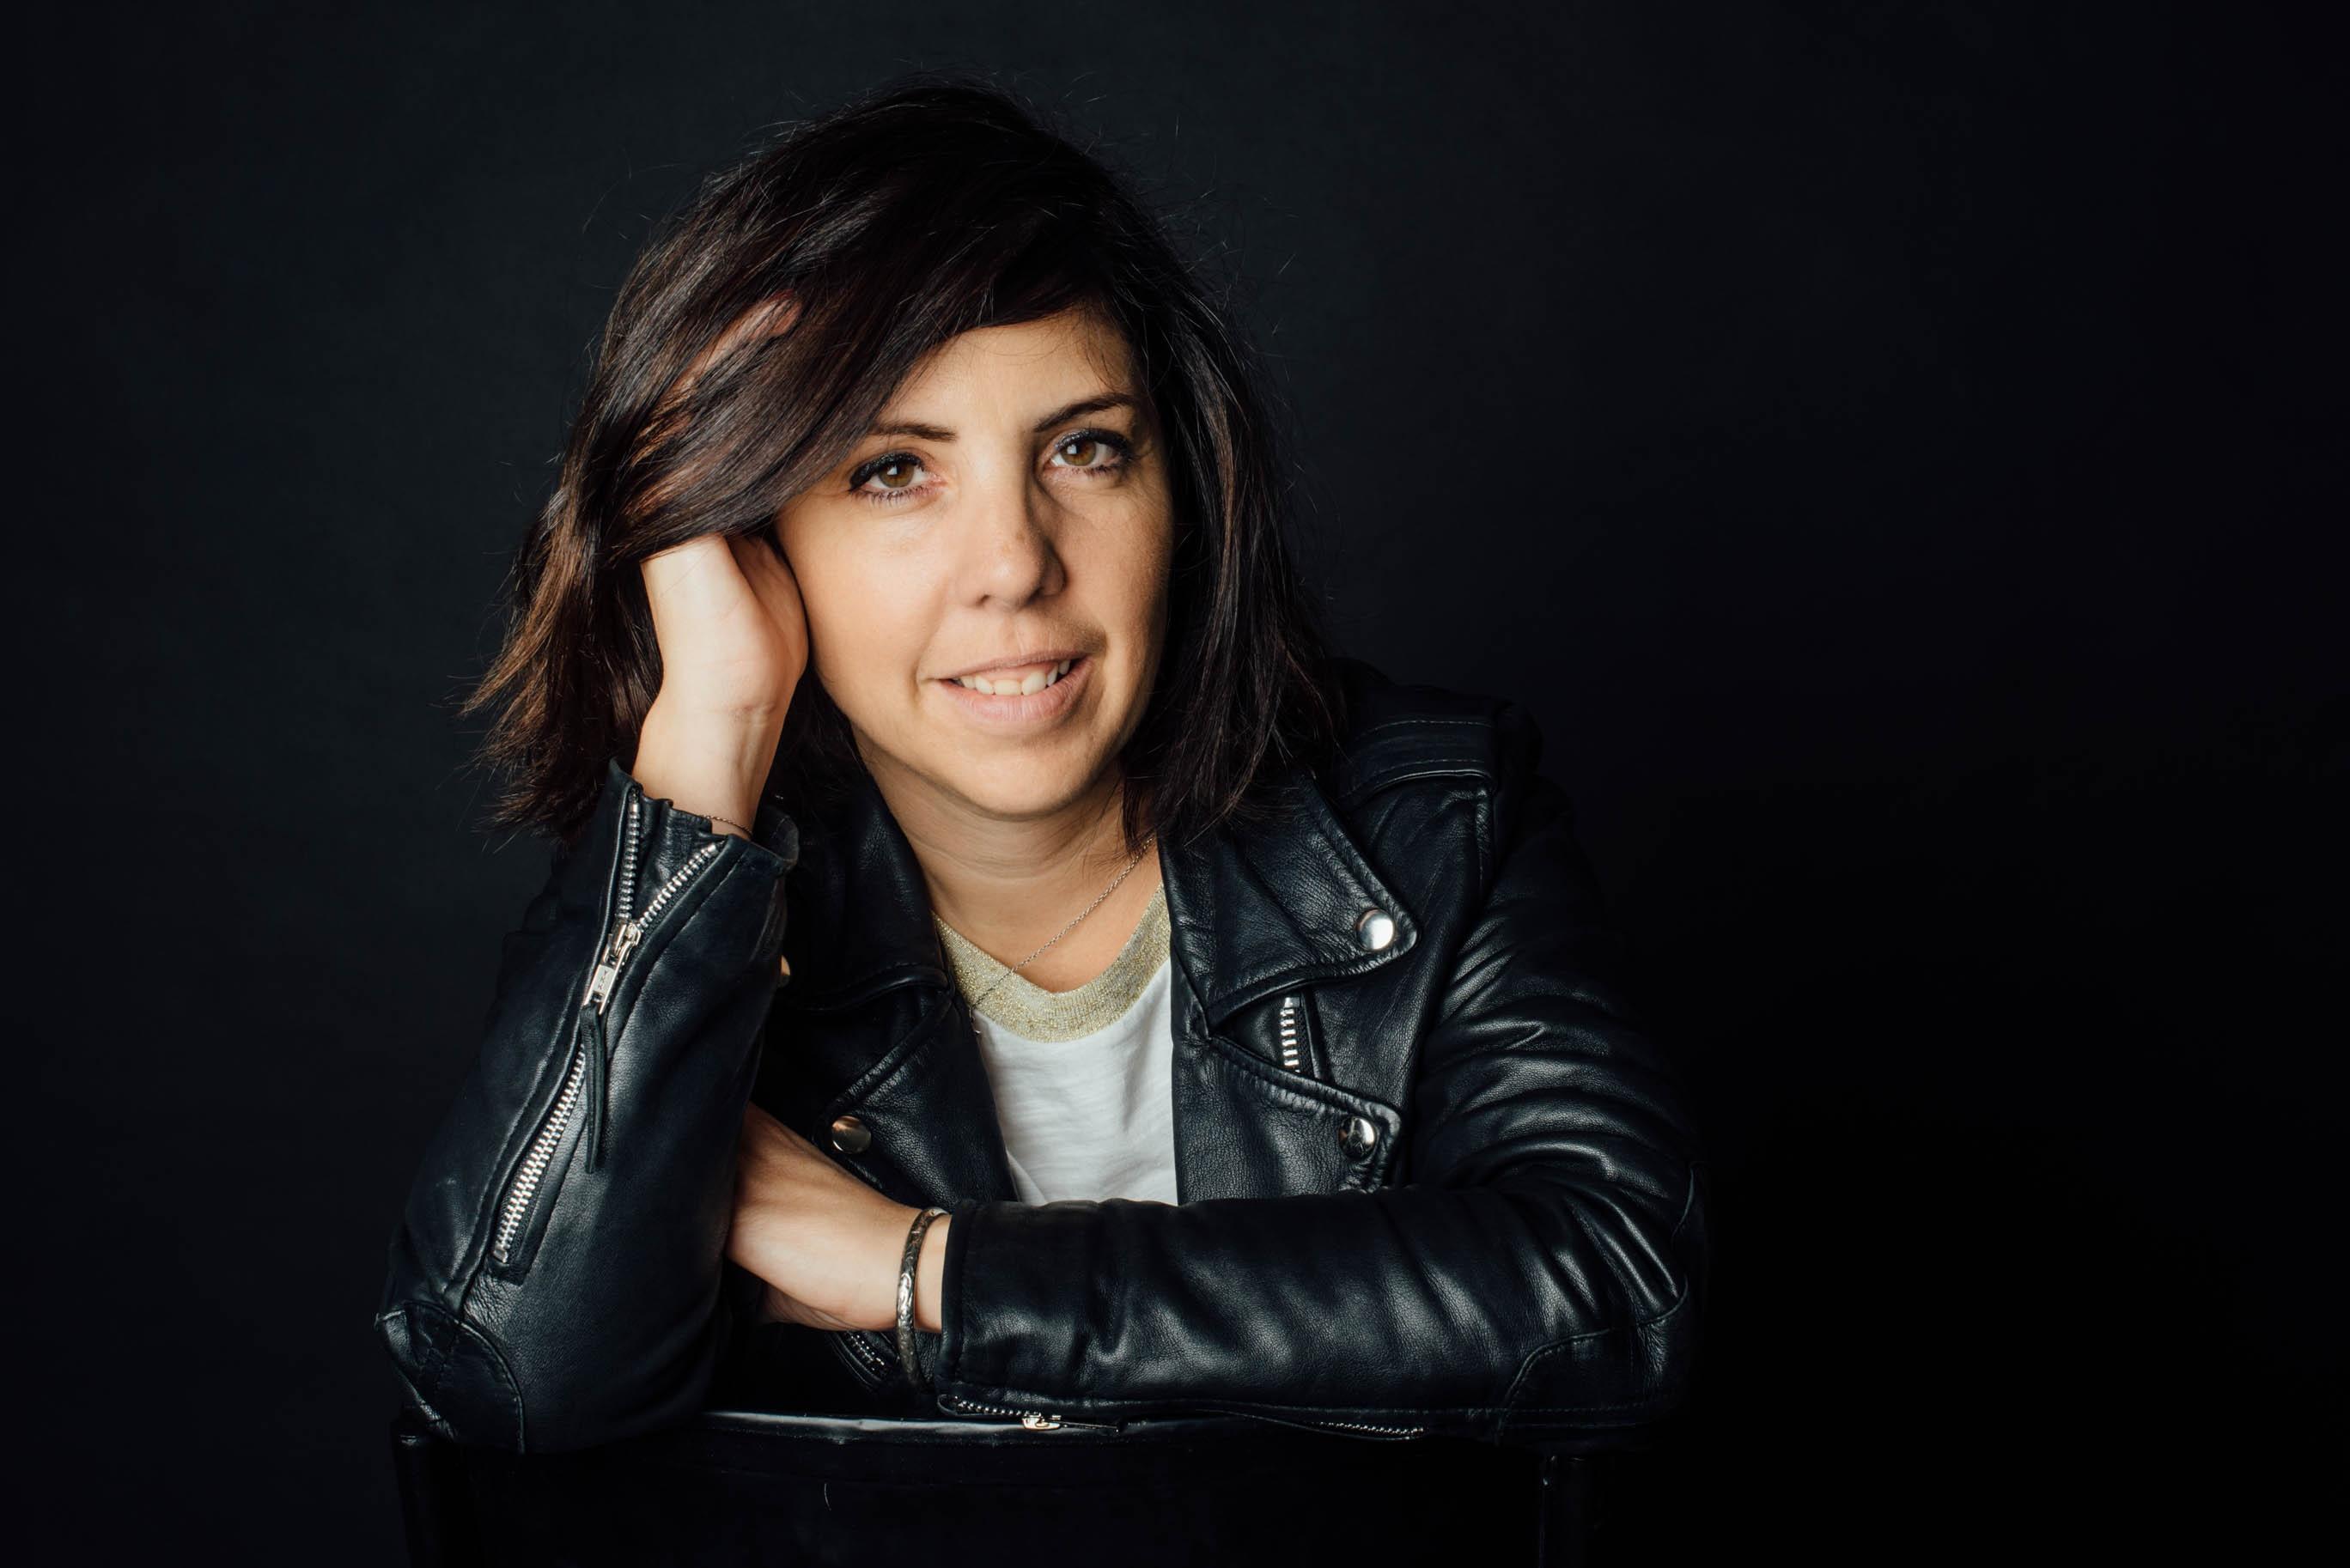 Ameliemarzouk-photographe-paris